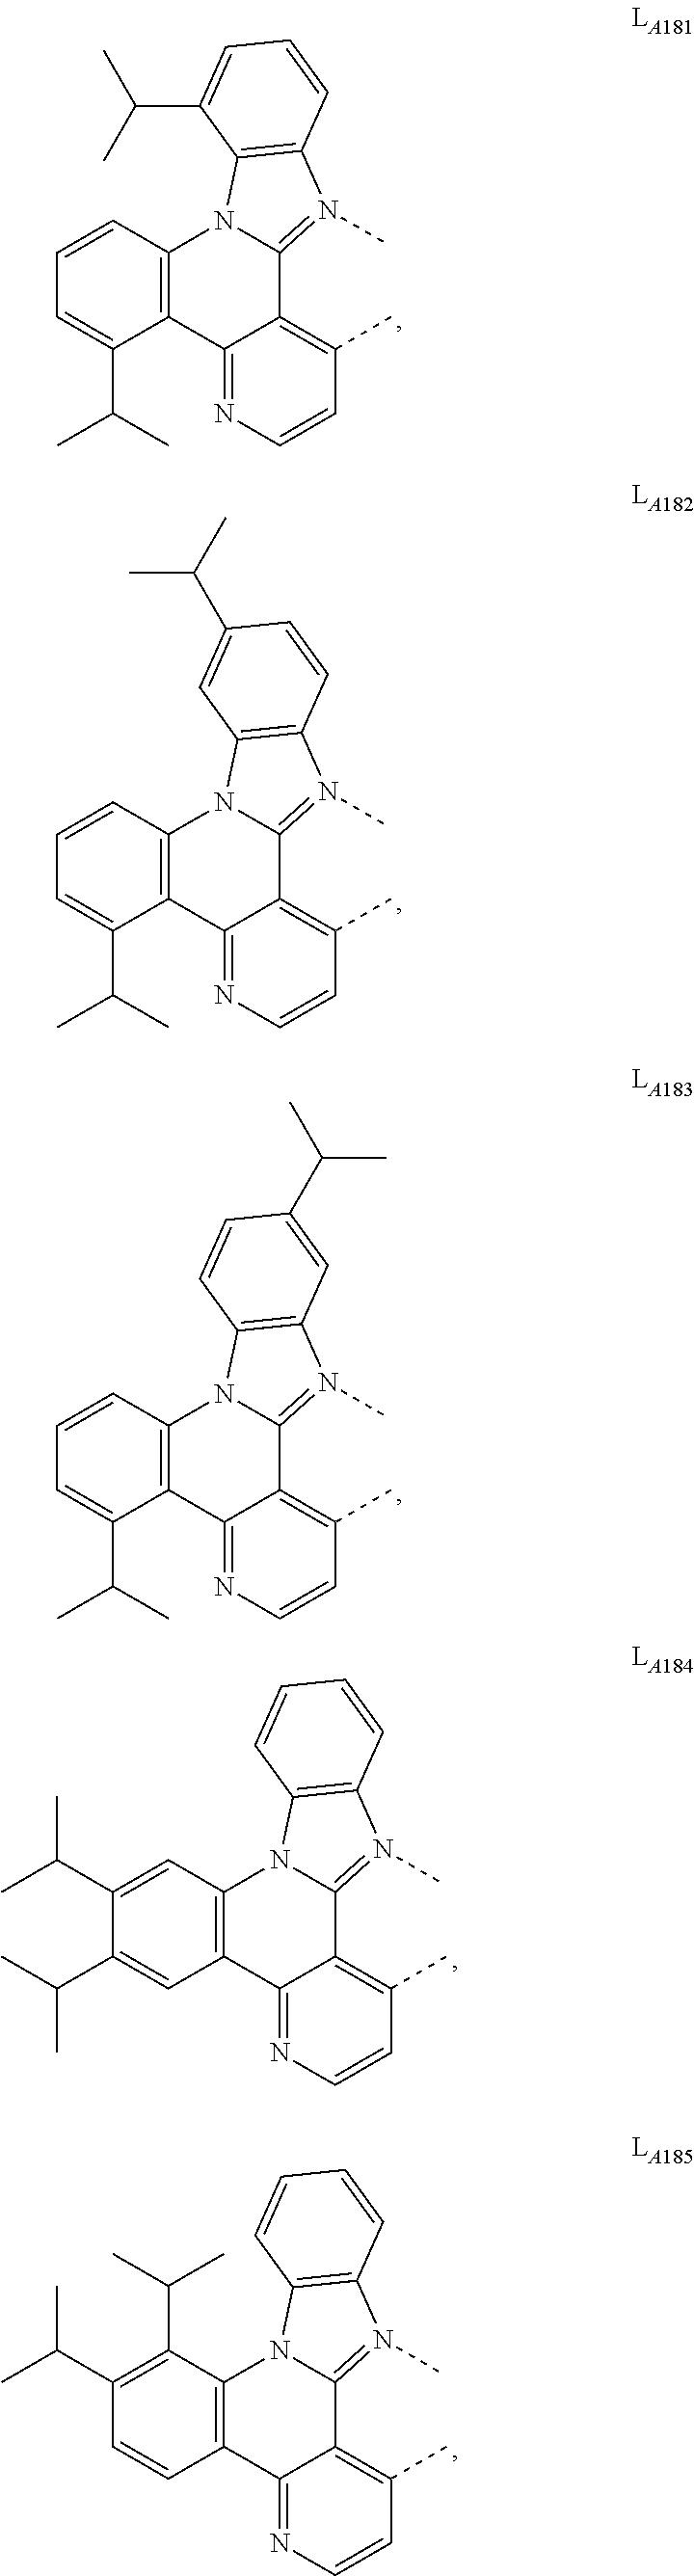 Figure US09905785-20180227-C00463